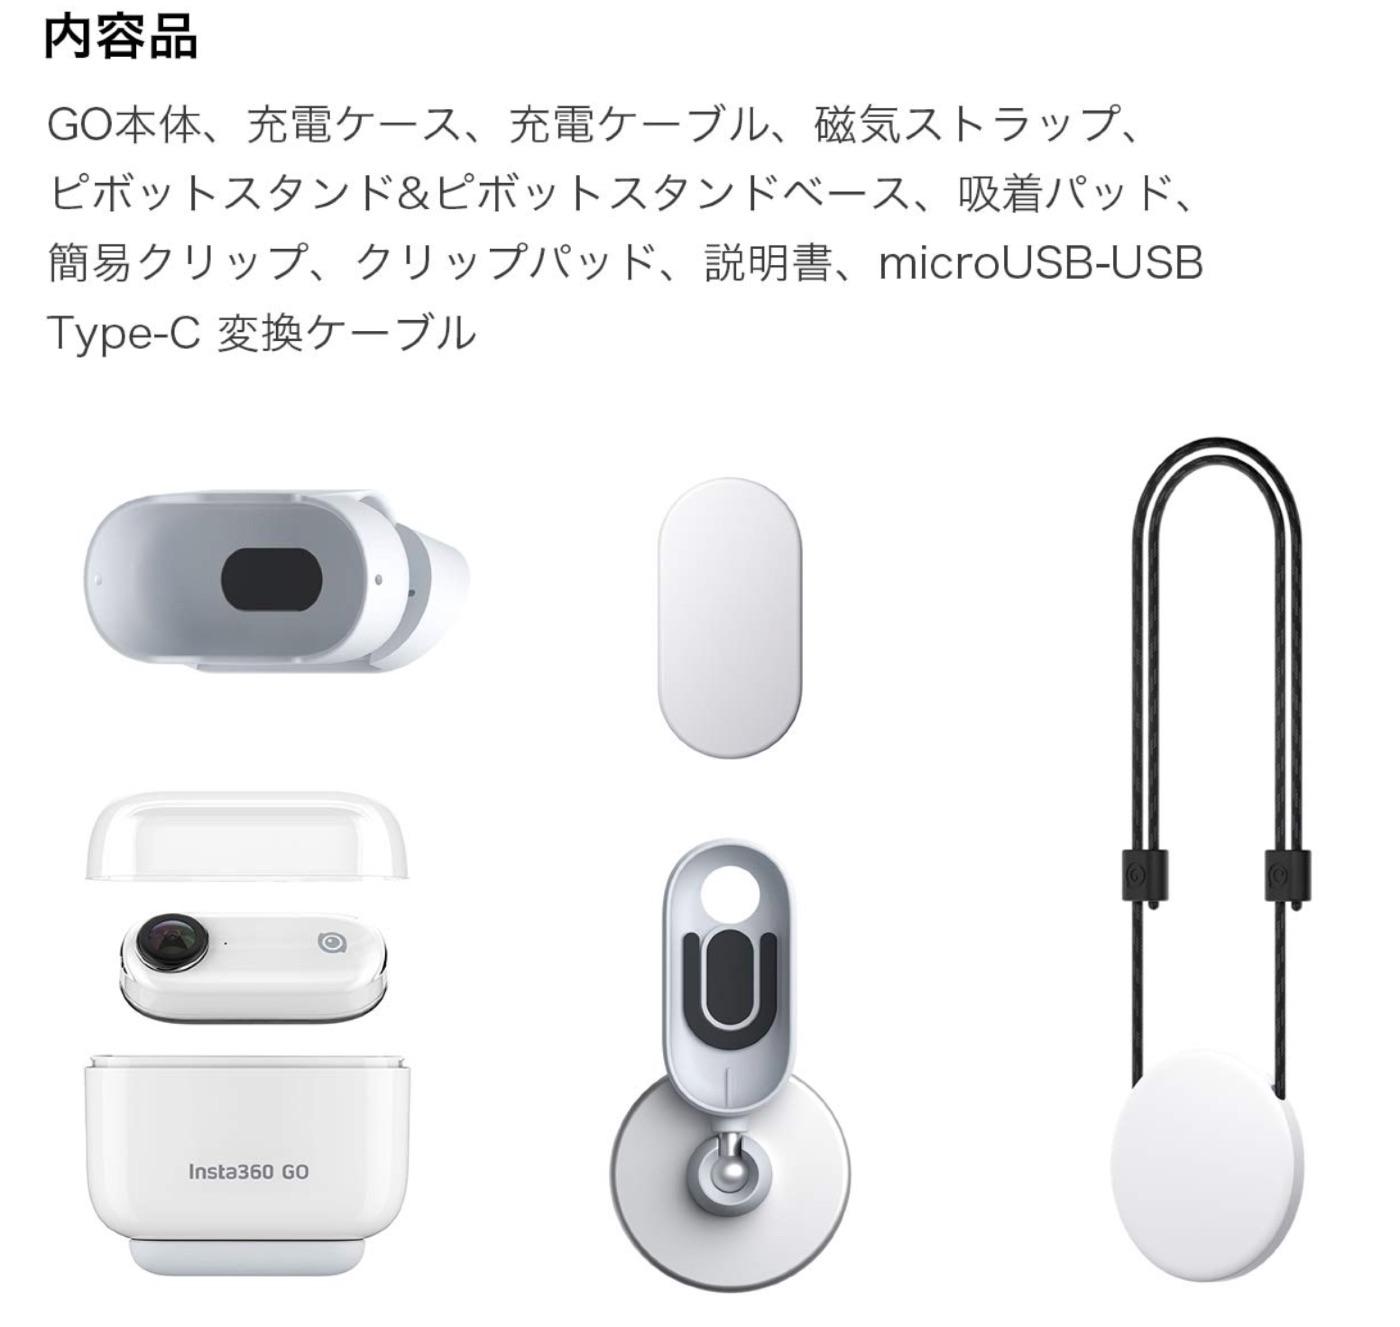 Insta360 GO アクセサリー